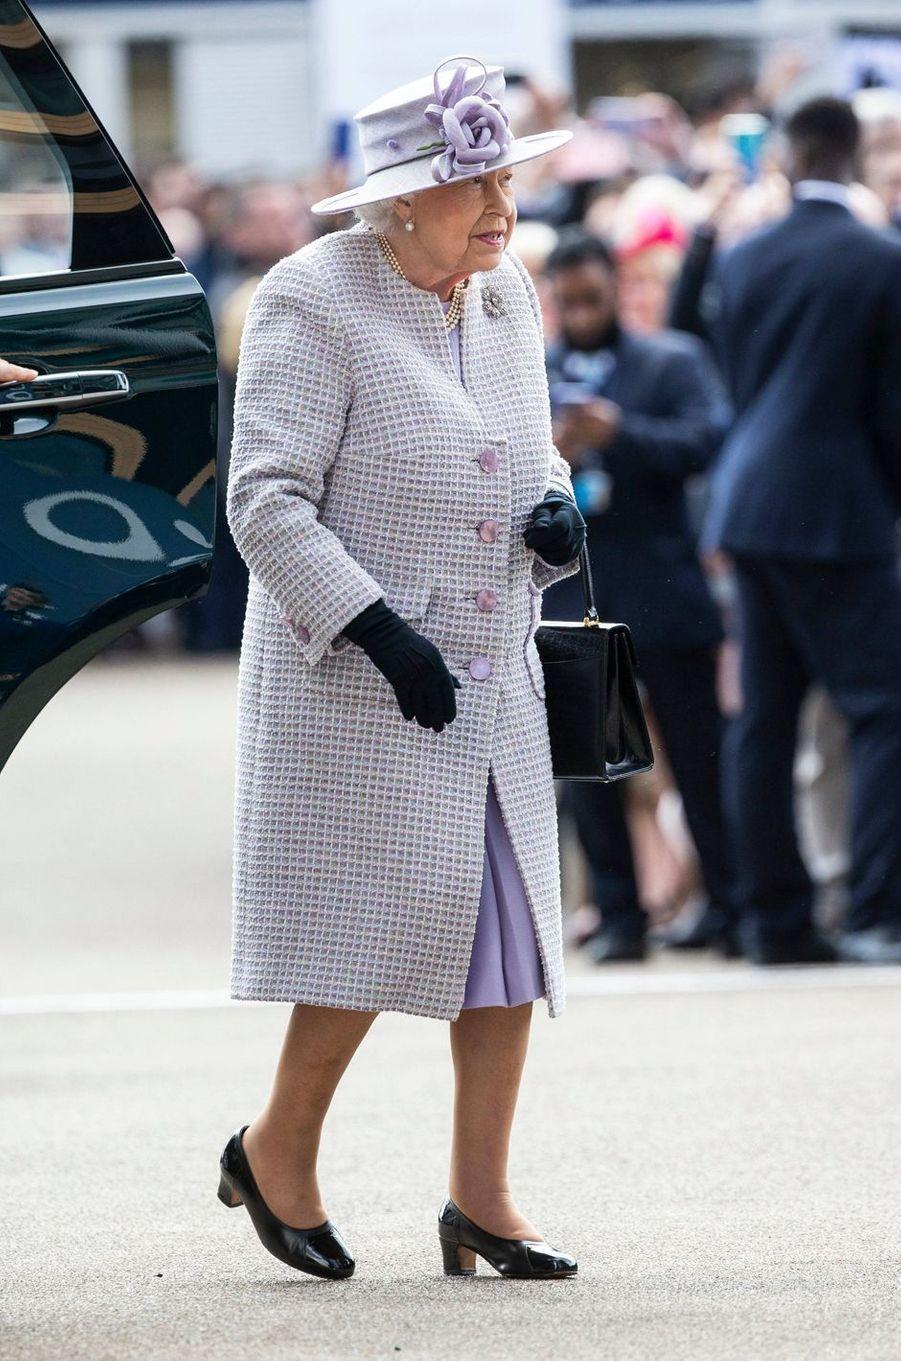 La reine Elizabeth II, le 19 octobre 2019 à Ascot